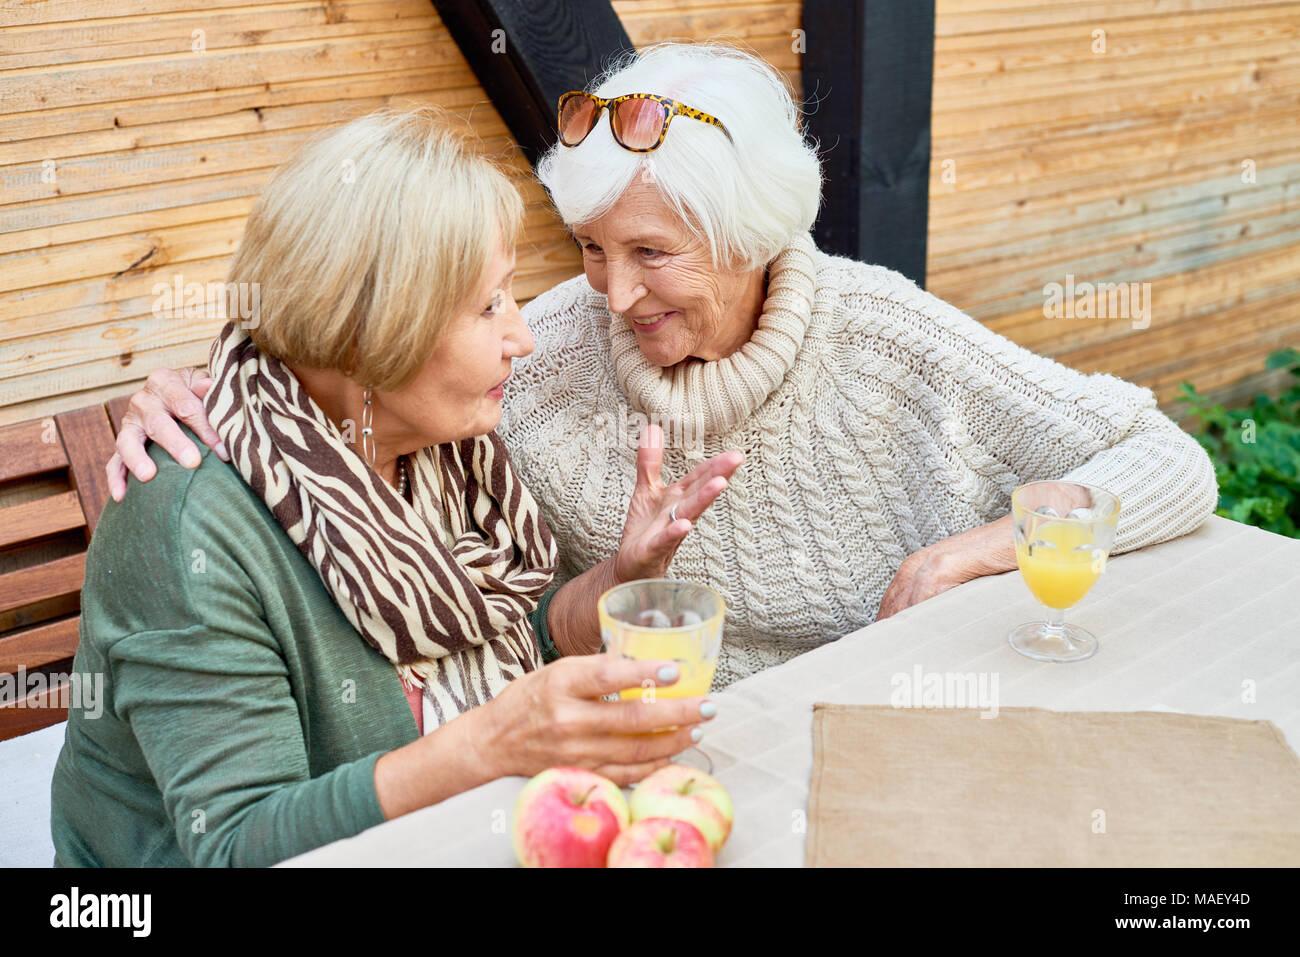 Novias senior en Cafe juntos Imagen De Stock